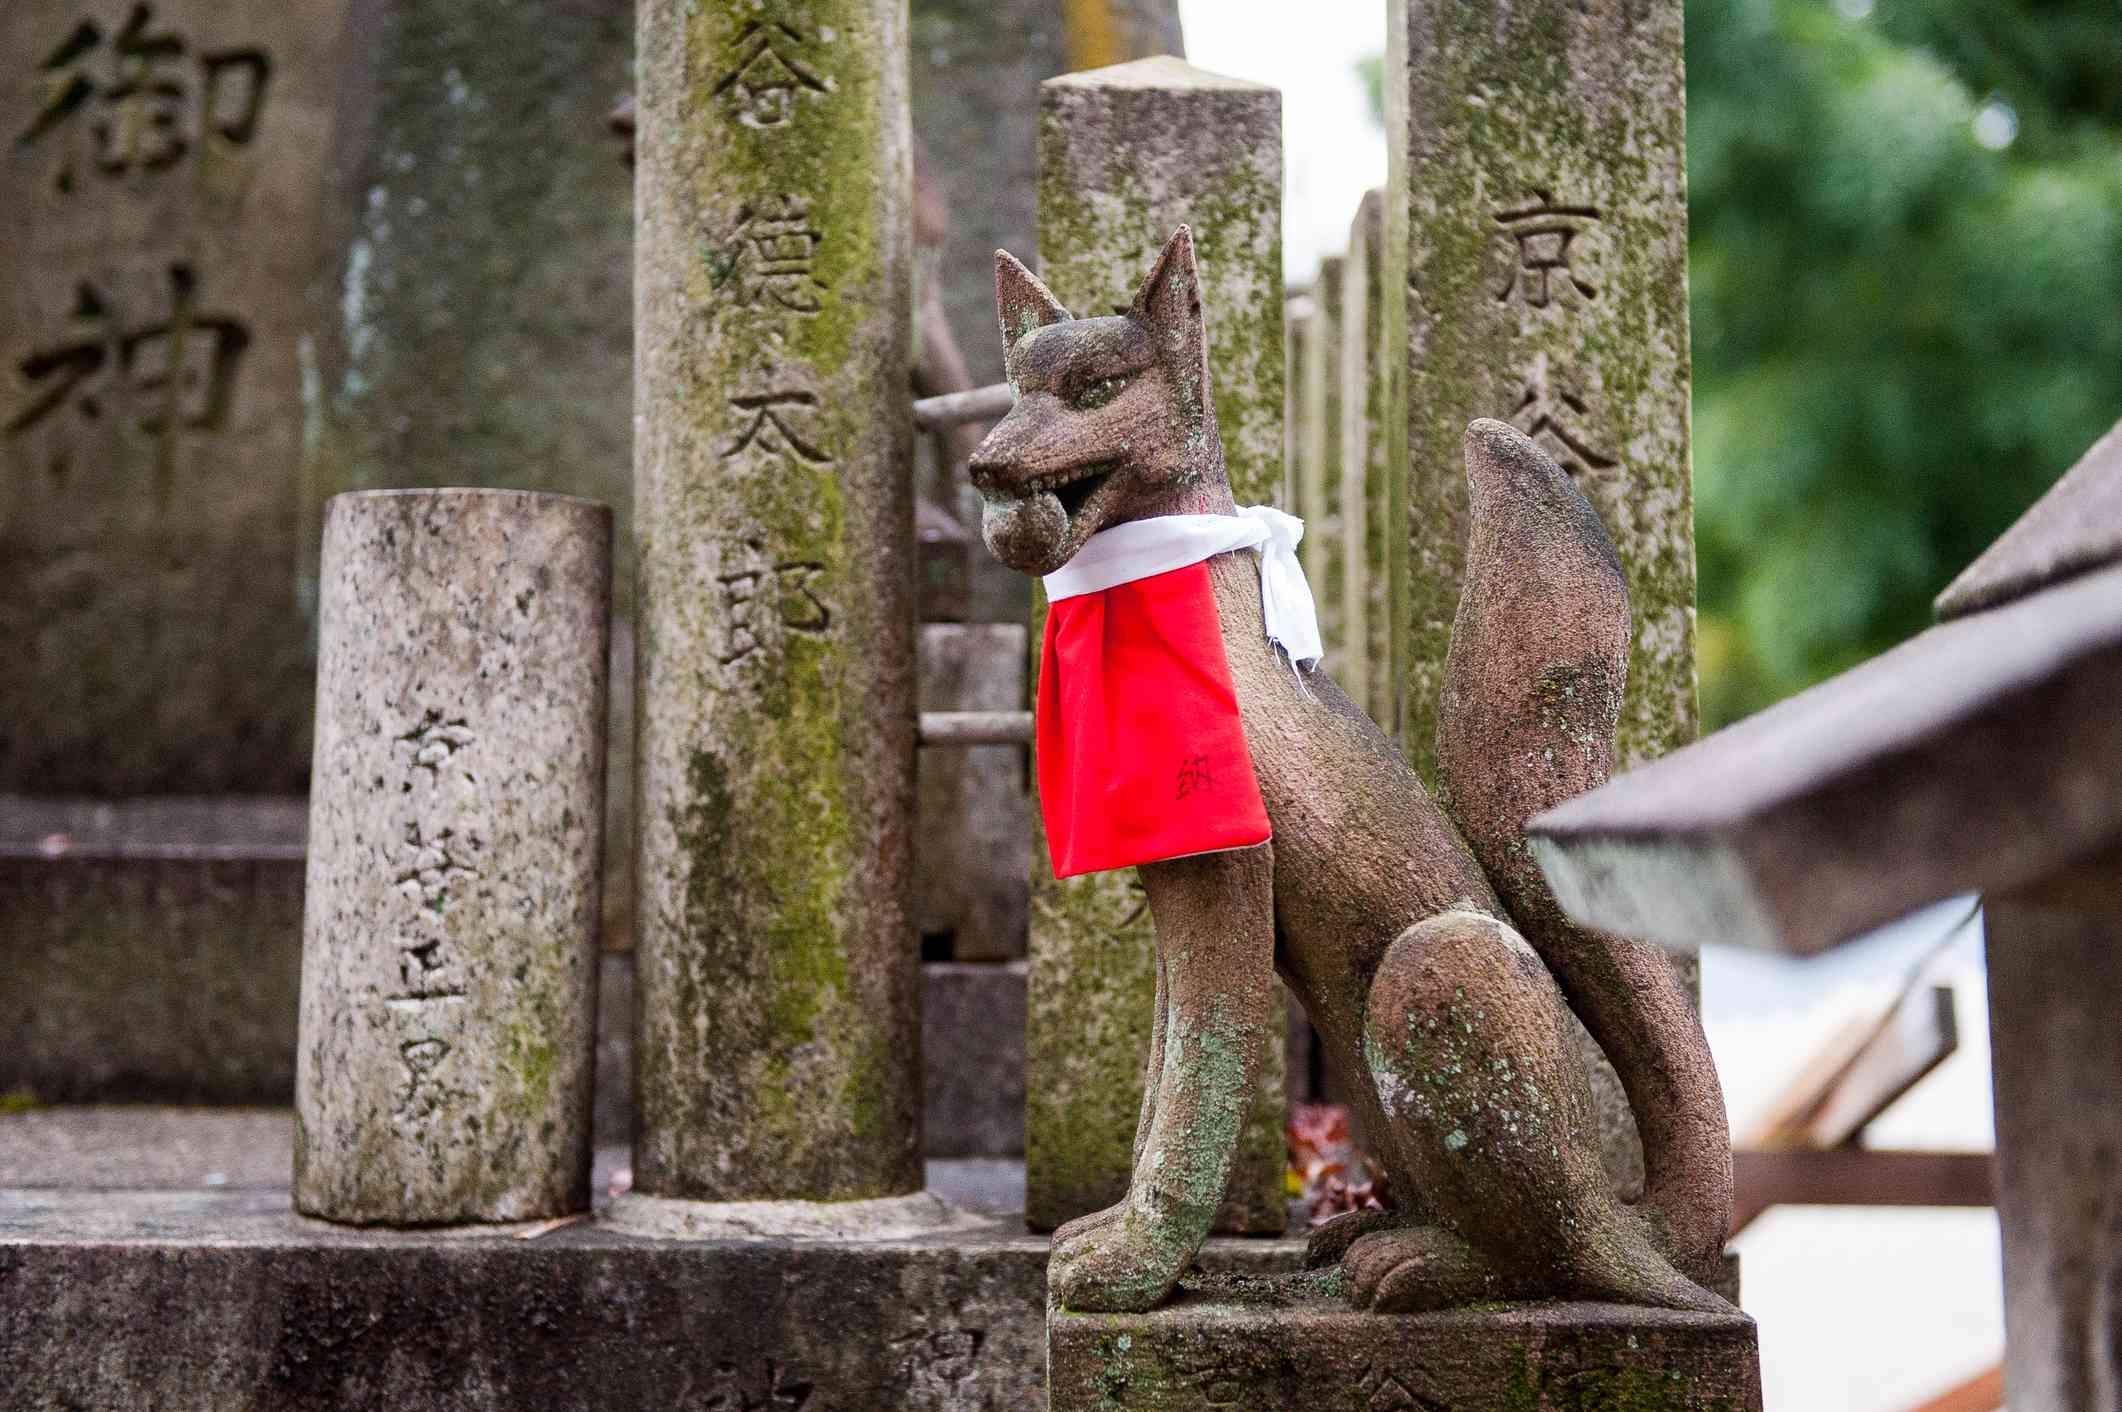 Kitsune Fox Yokai Statue